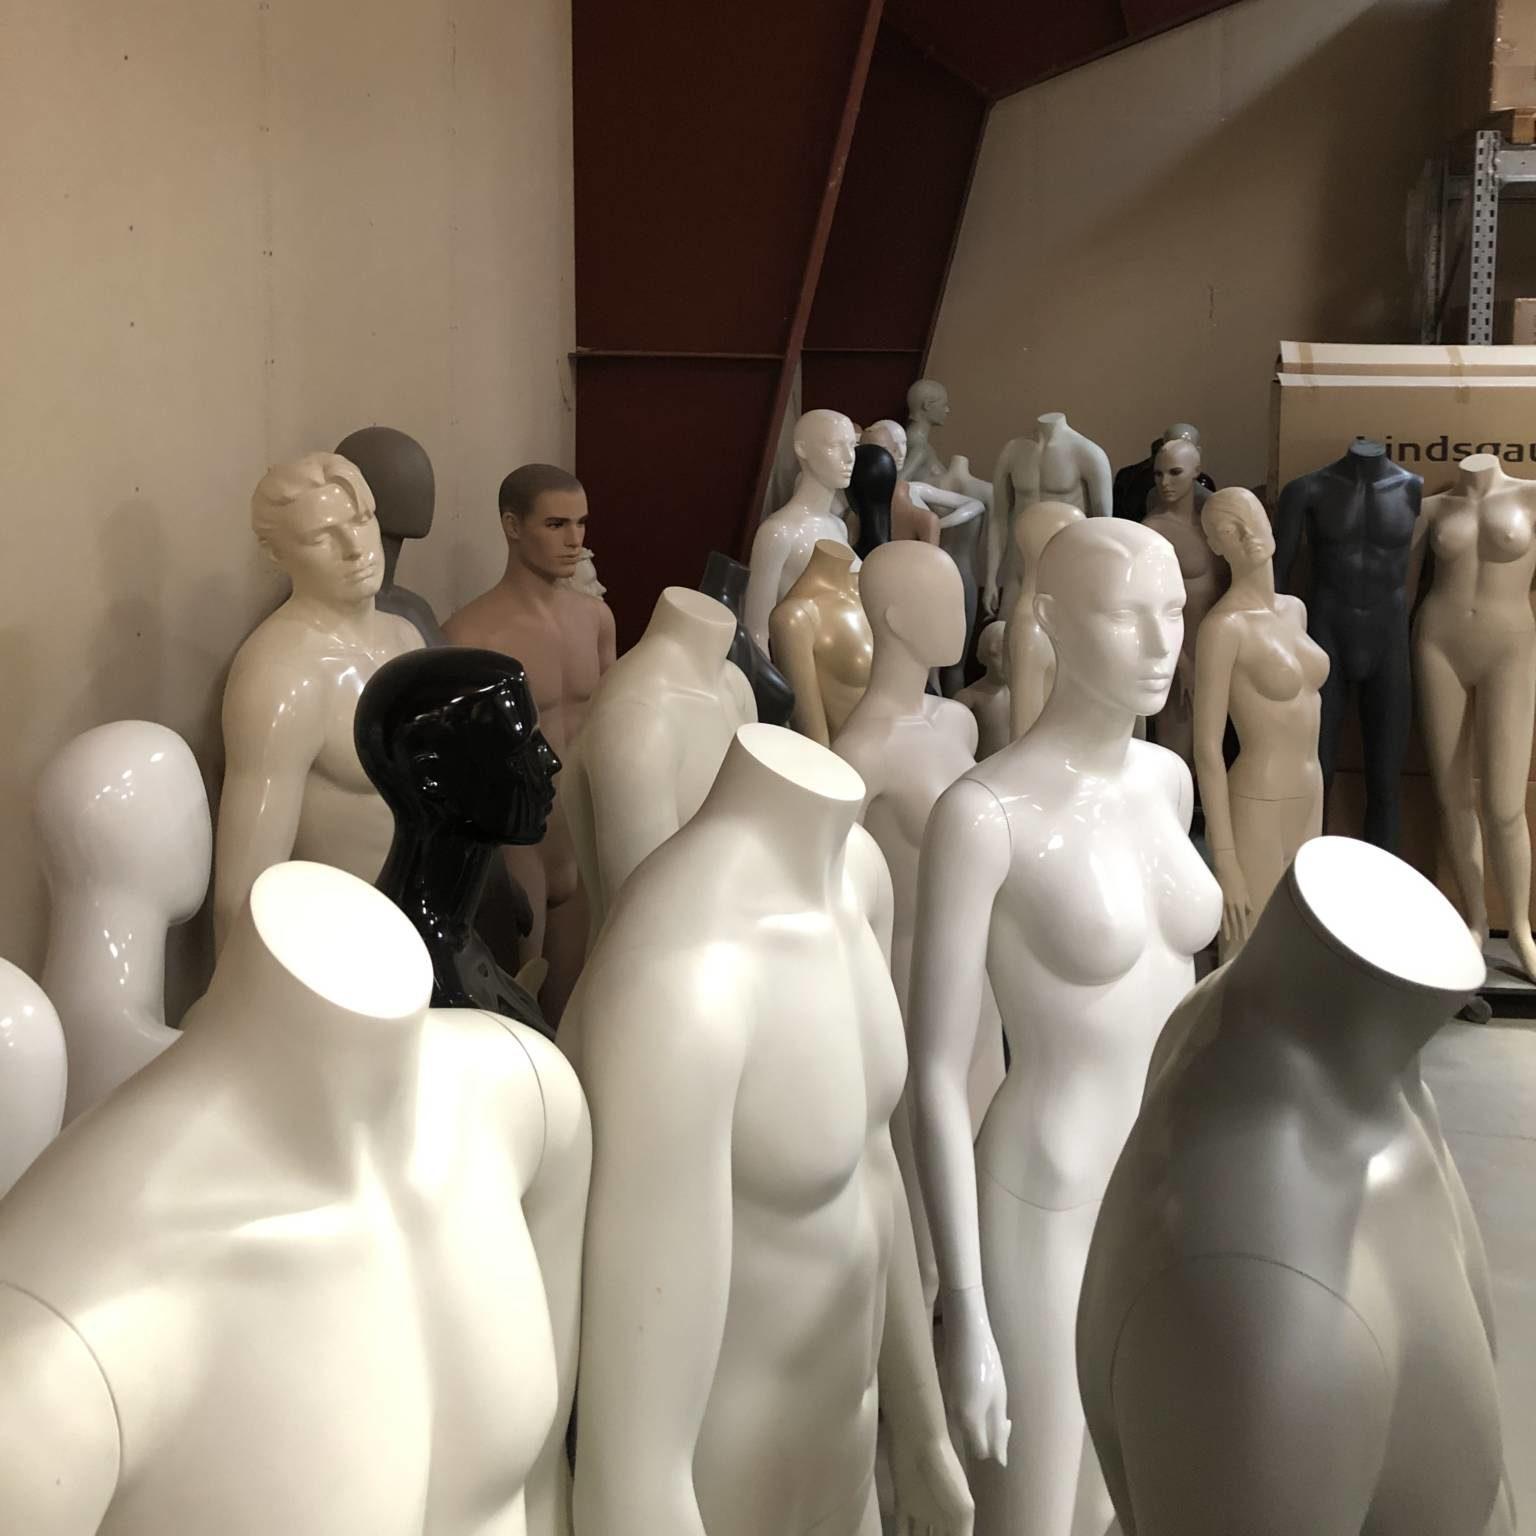 Stort udvalg af udlejnings mannequiner